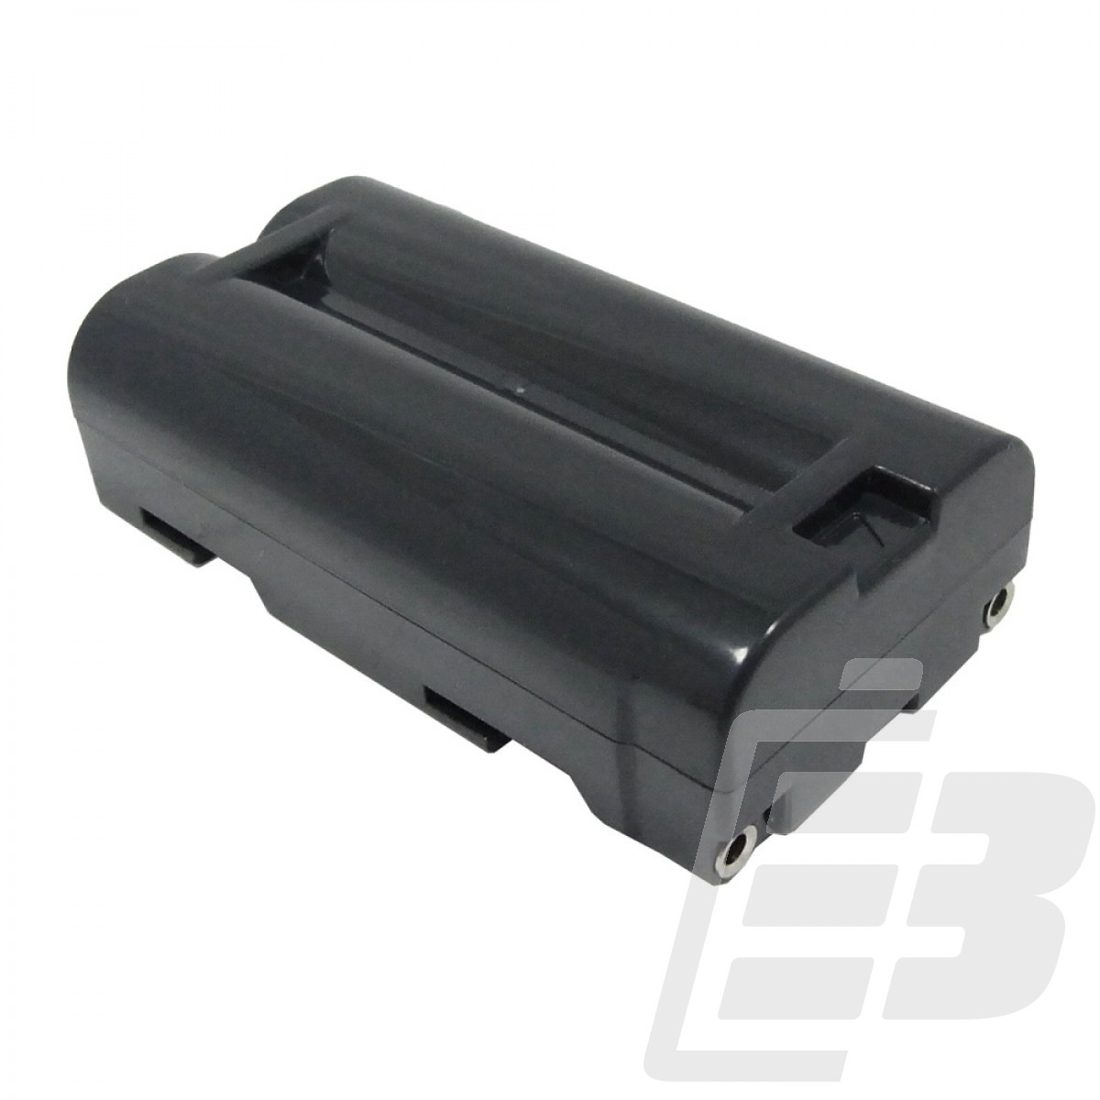 Barcode scanner battery Intermec 2400_1